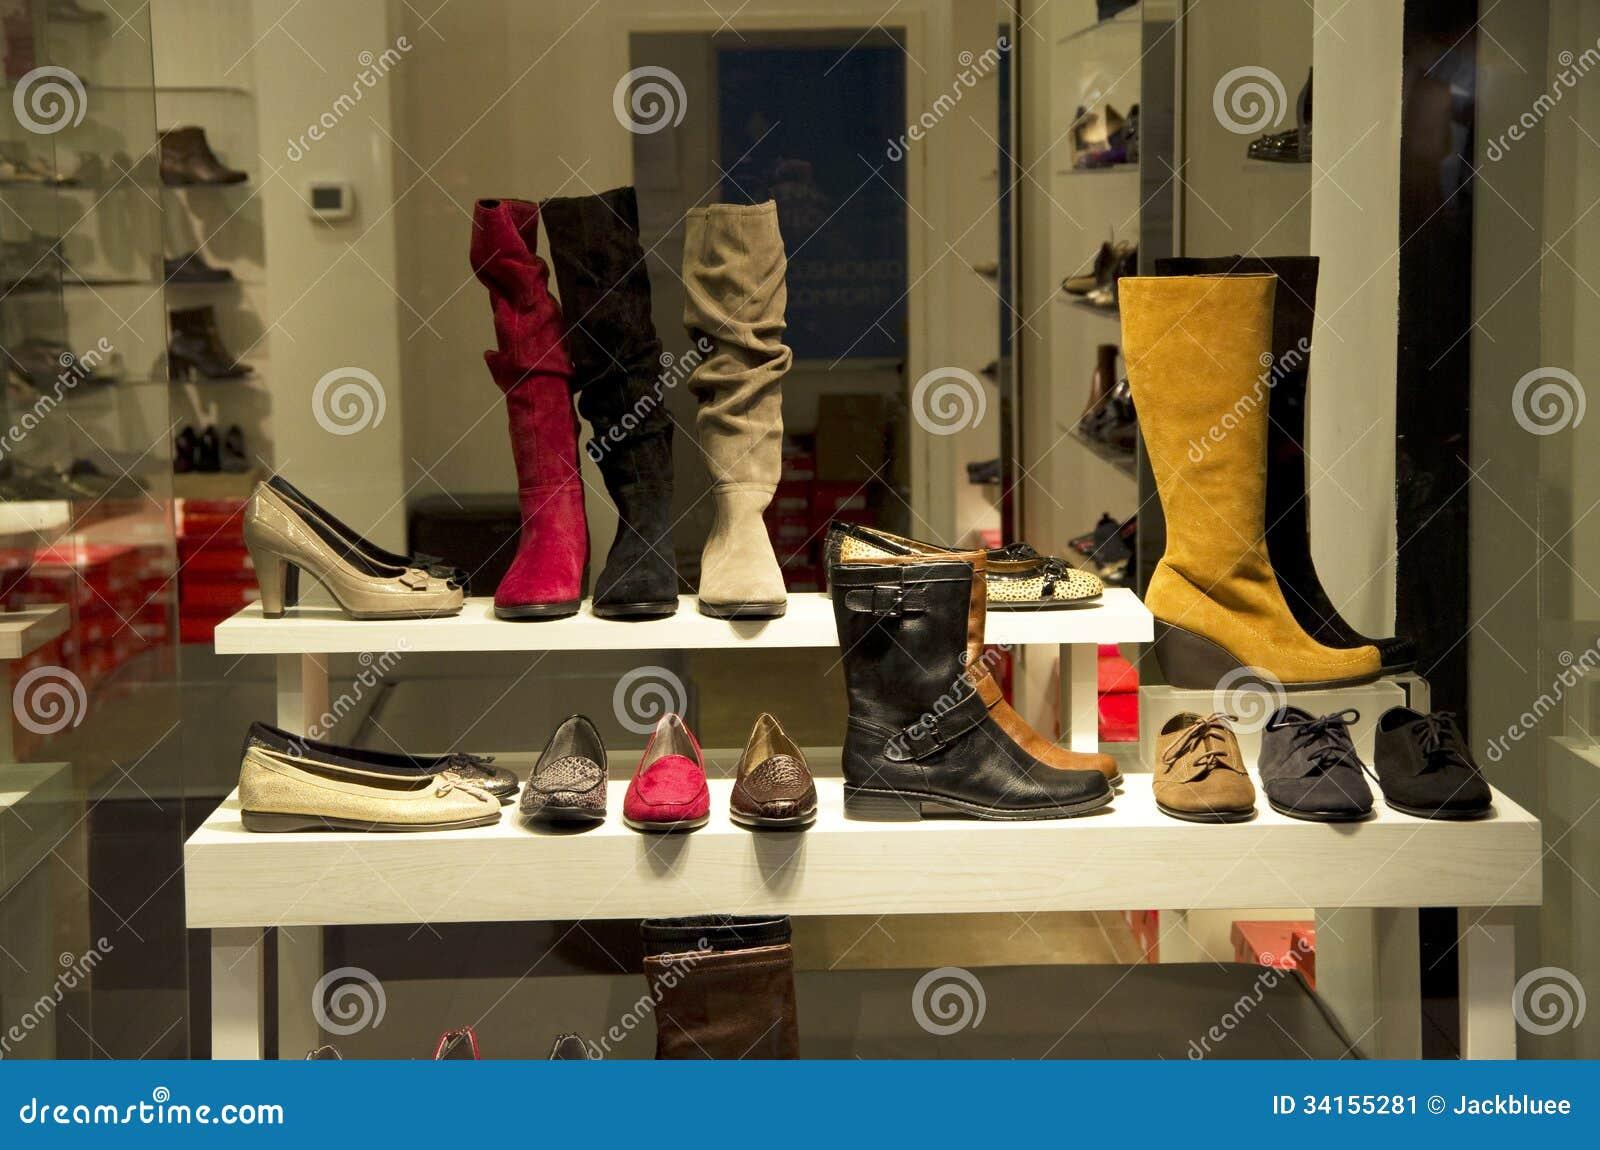 magasin de chaussures de femme image stock image 34155281. Black Bedroom Furniture Sets. Home Design Ideas